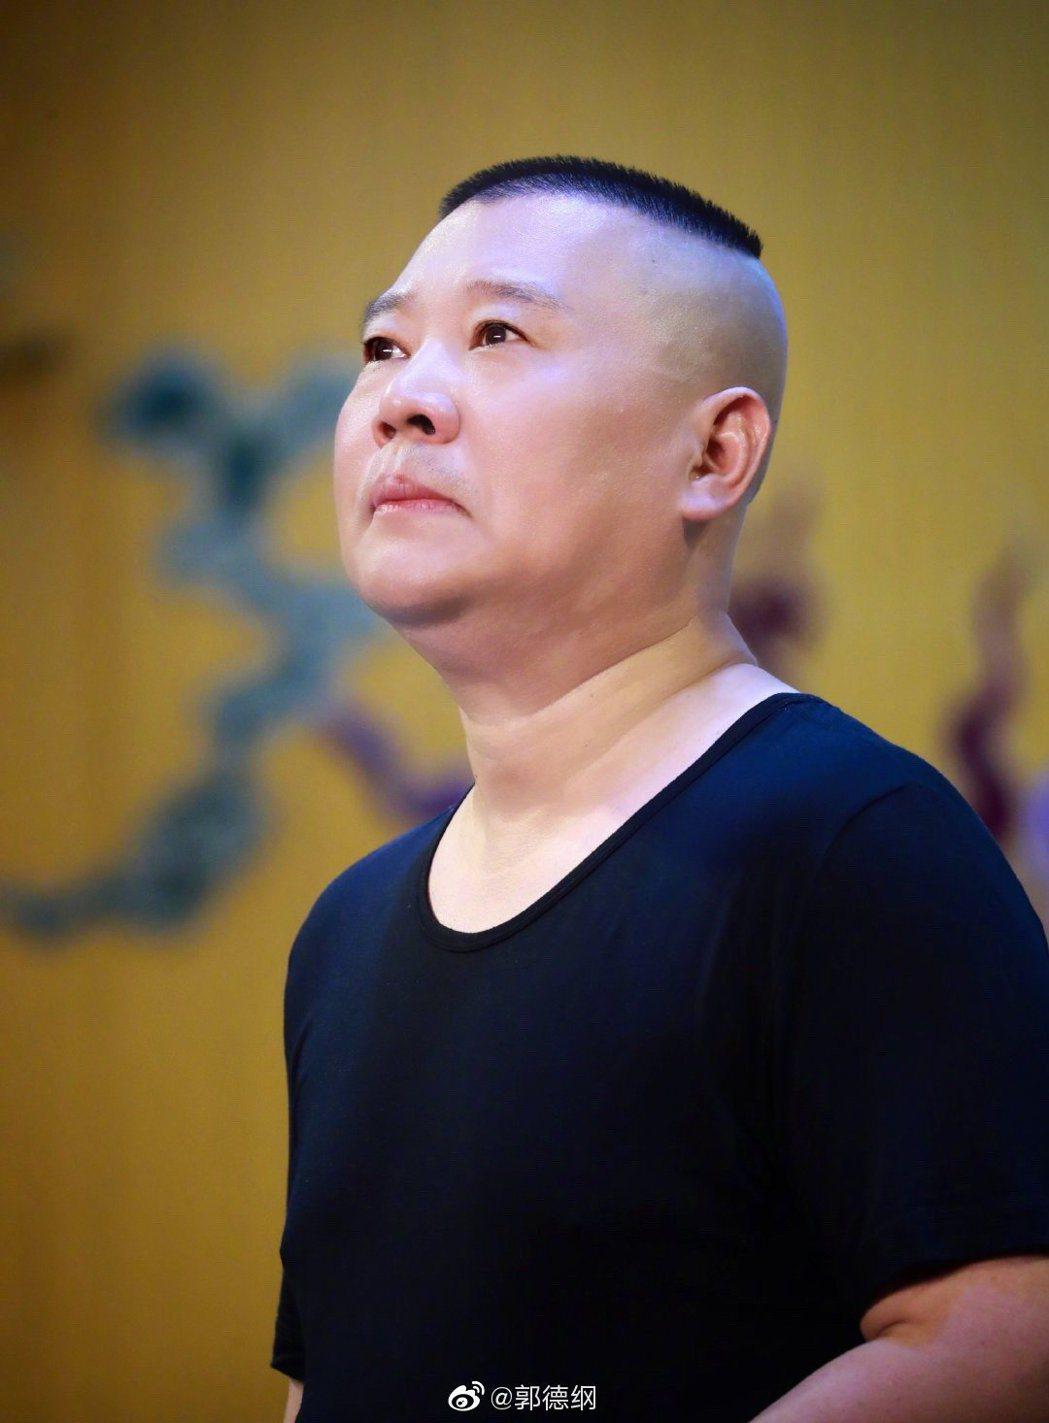 中國大陸著名相聲演員郭德綱。 圖/擷自郭德綱微博